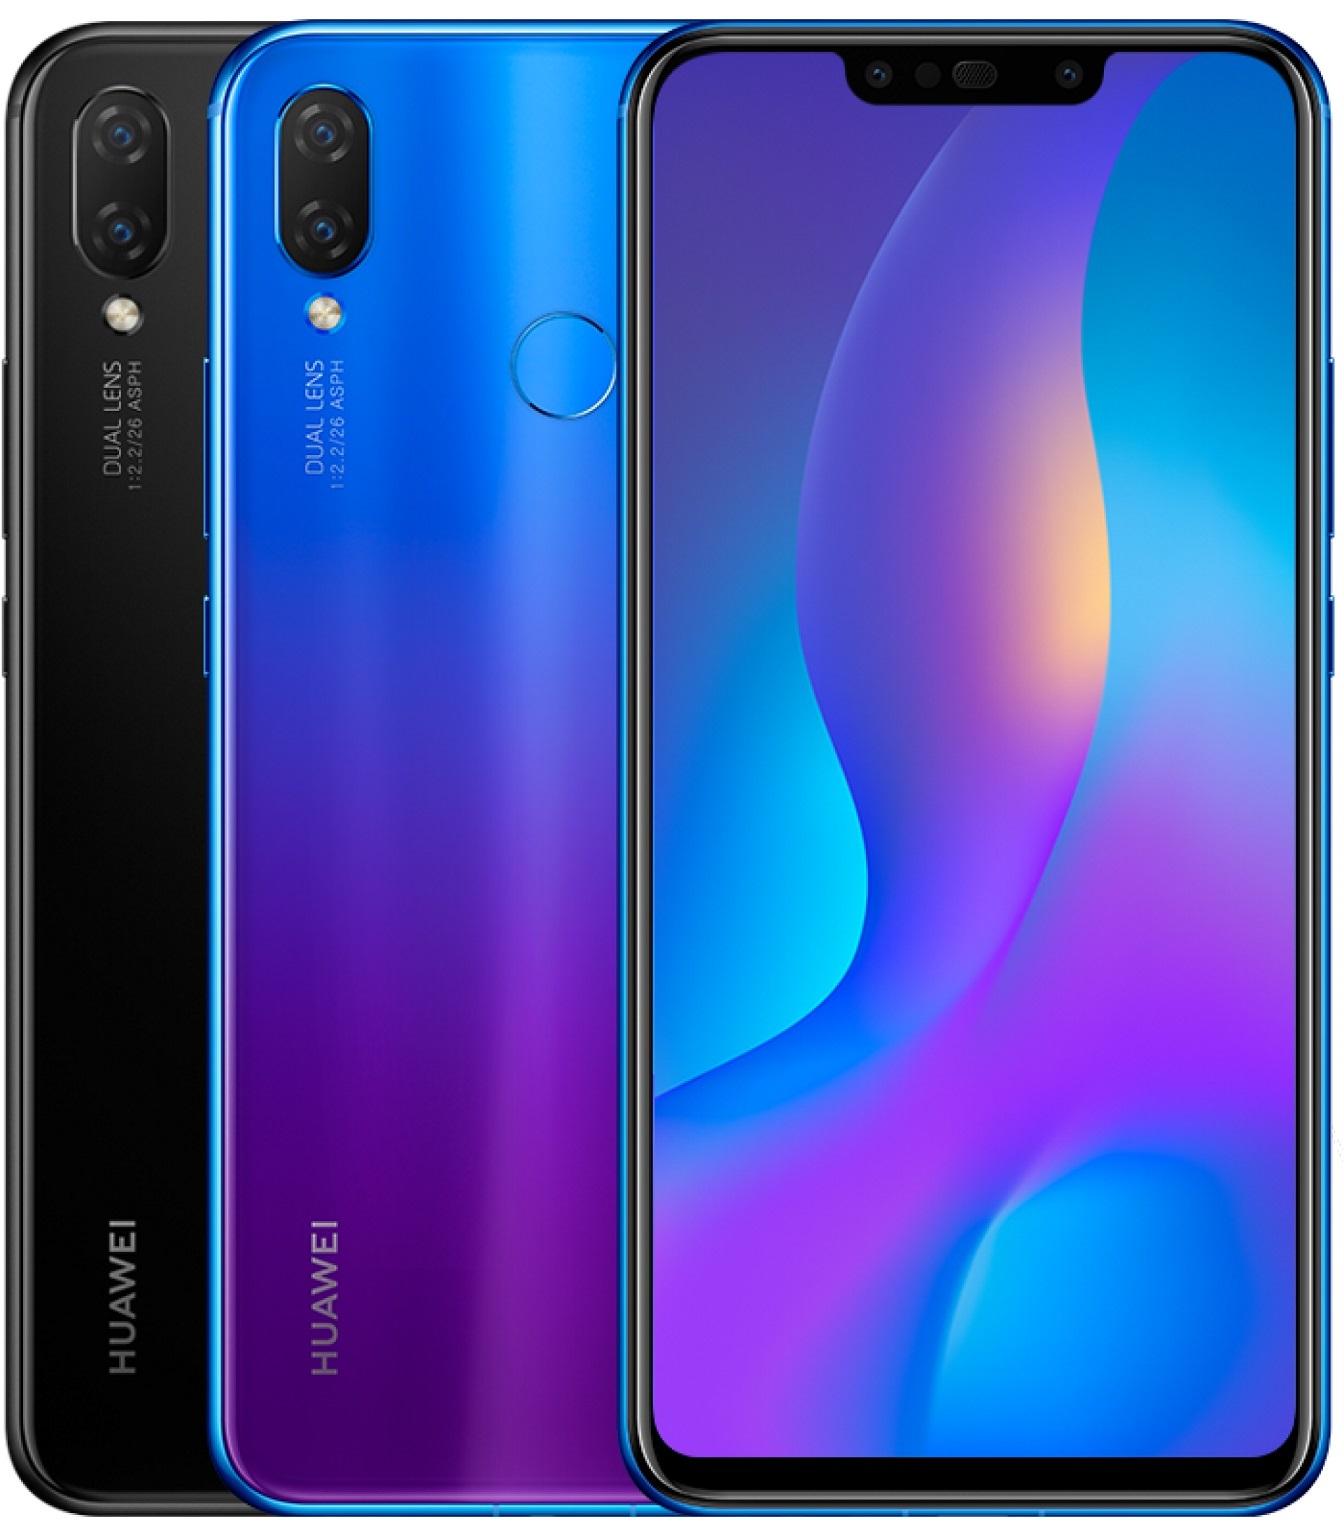 Huawei P Smart Plus @ Mobiel.nl icm maandelijks opzegbaar Tele2 abonnement